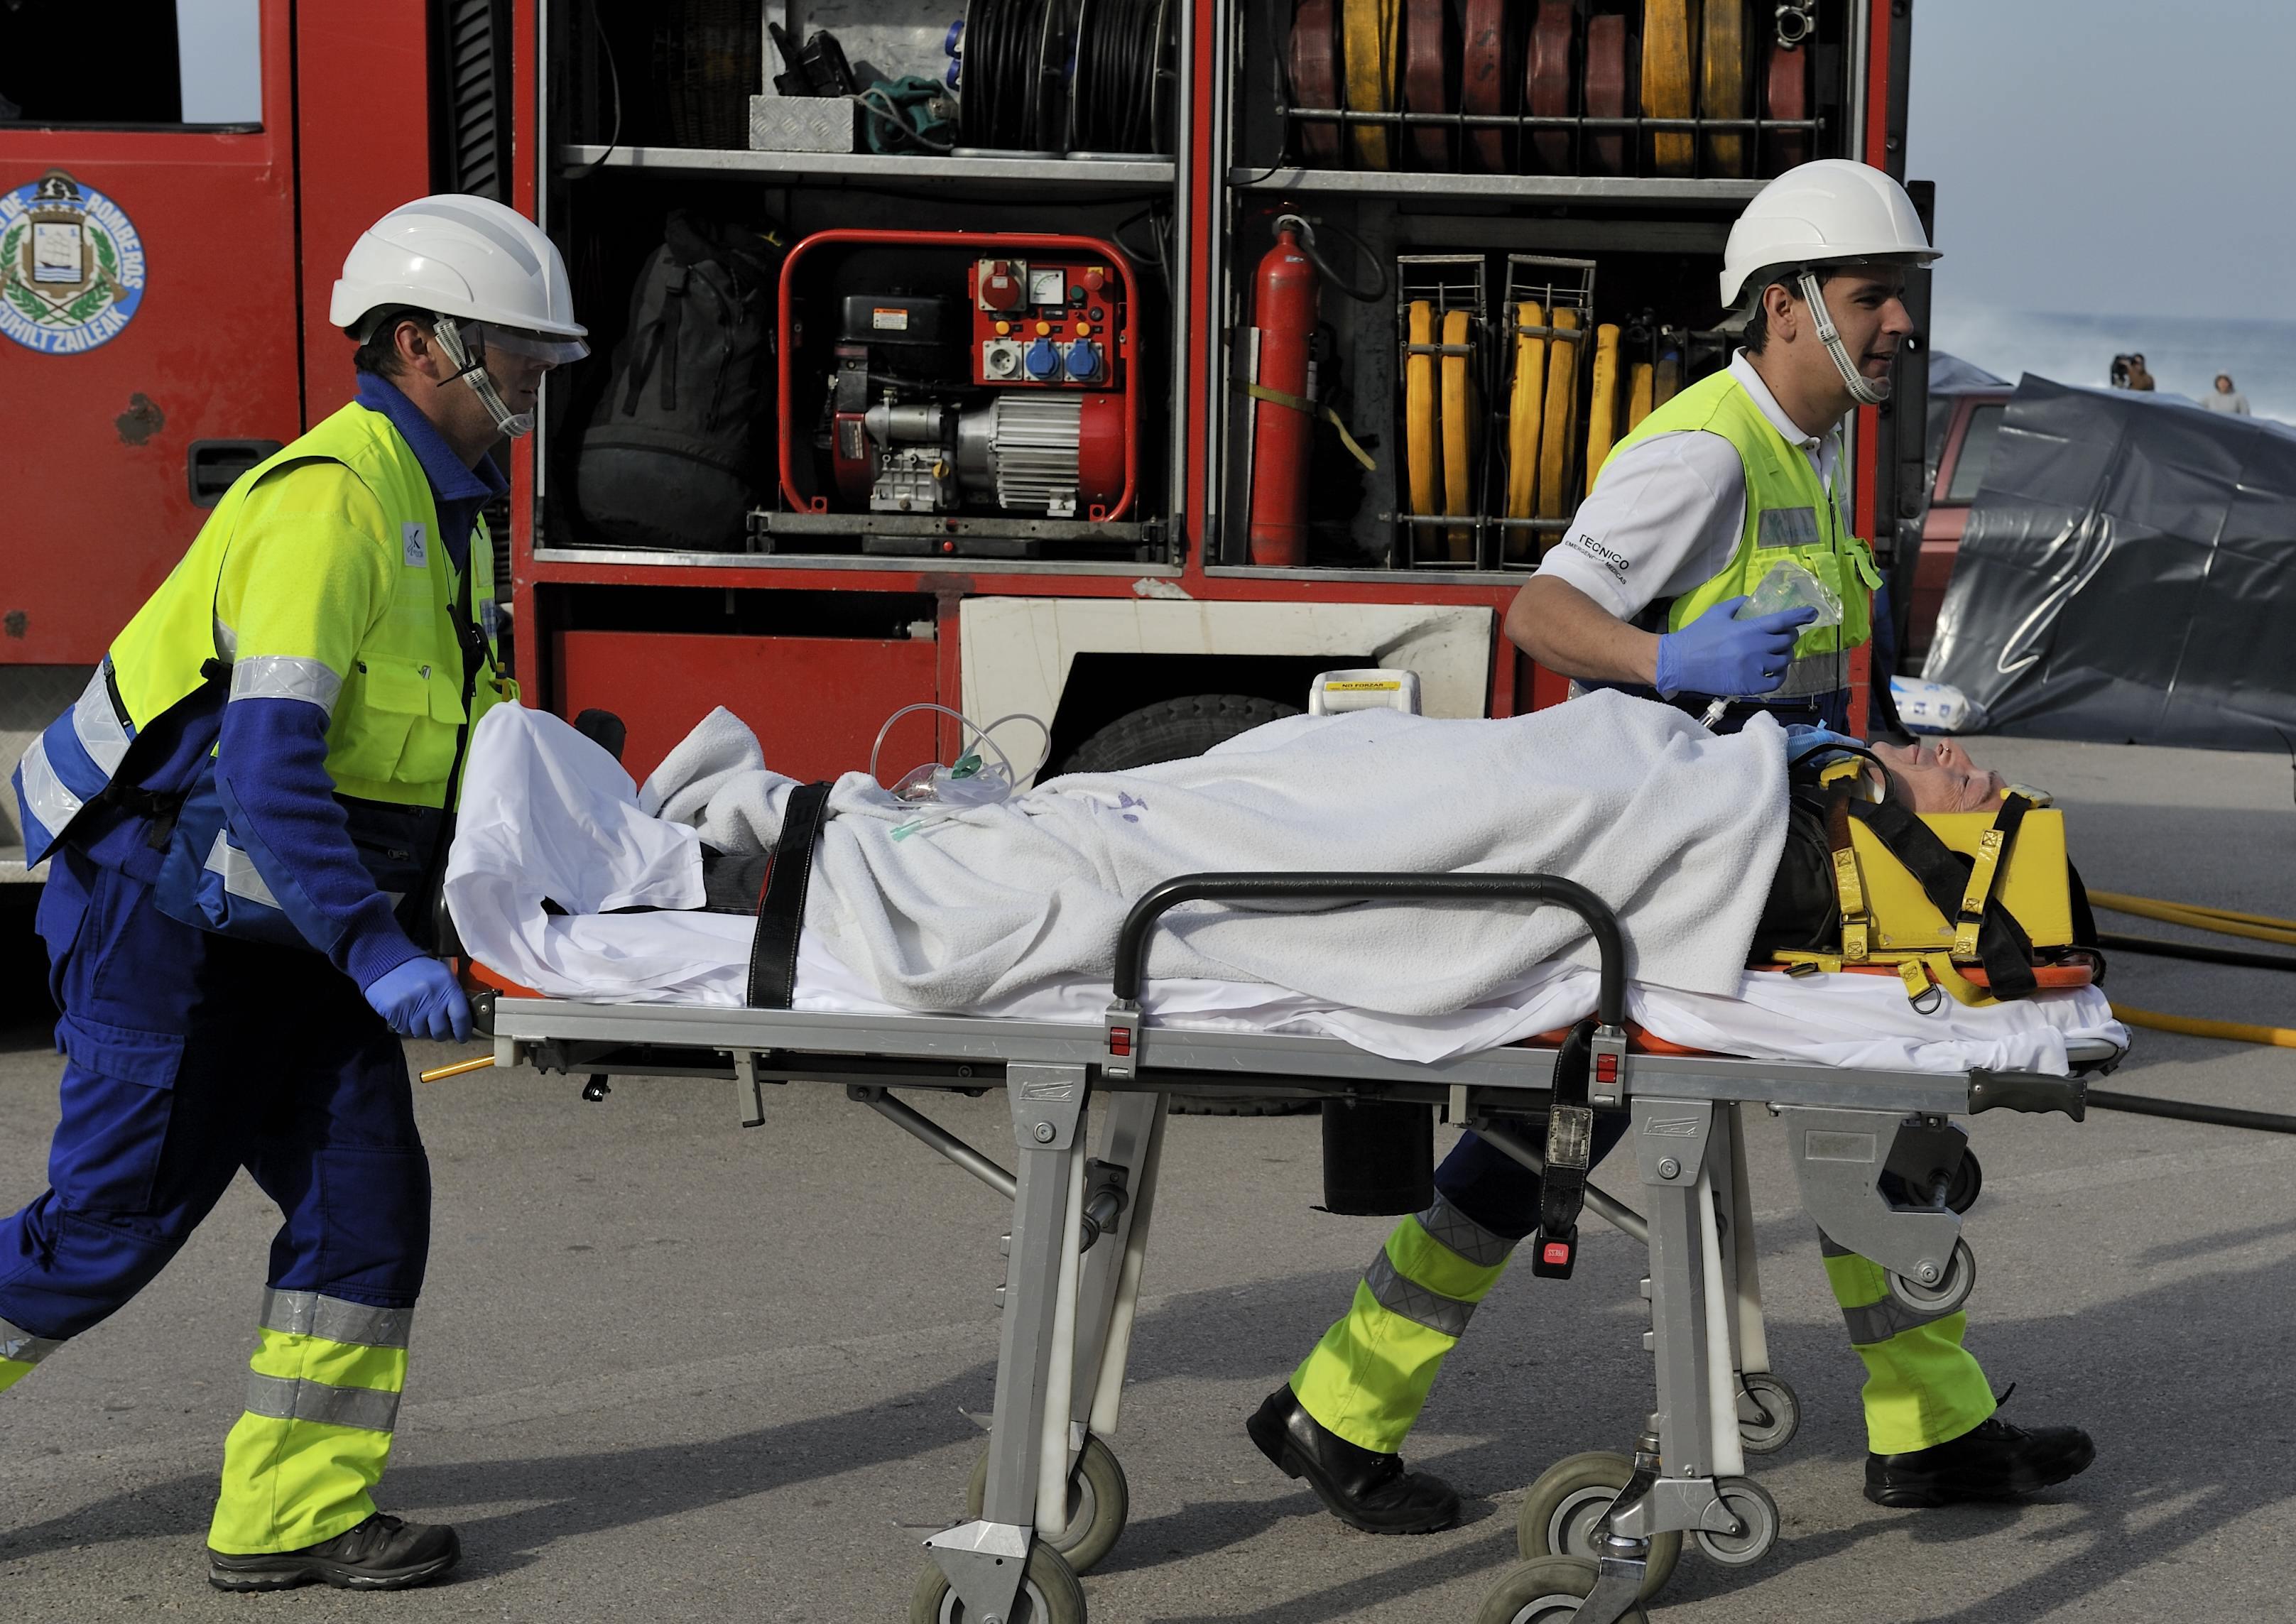 simulacro_emergencias18.jpg